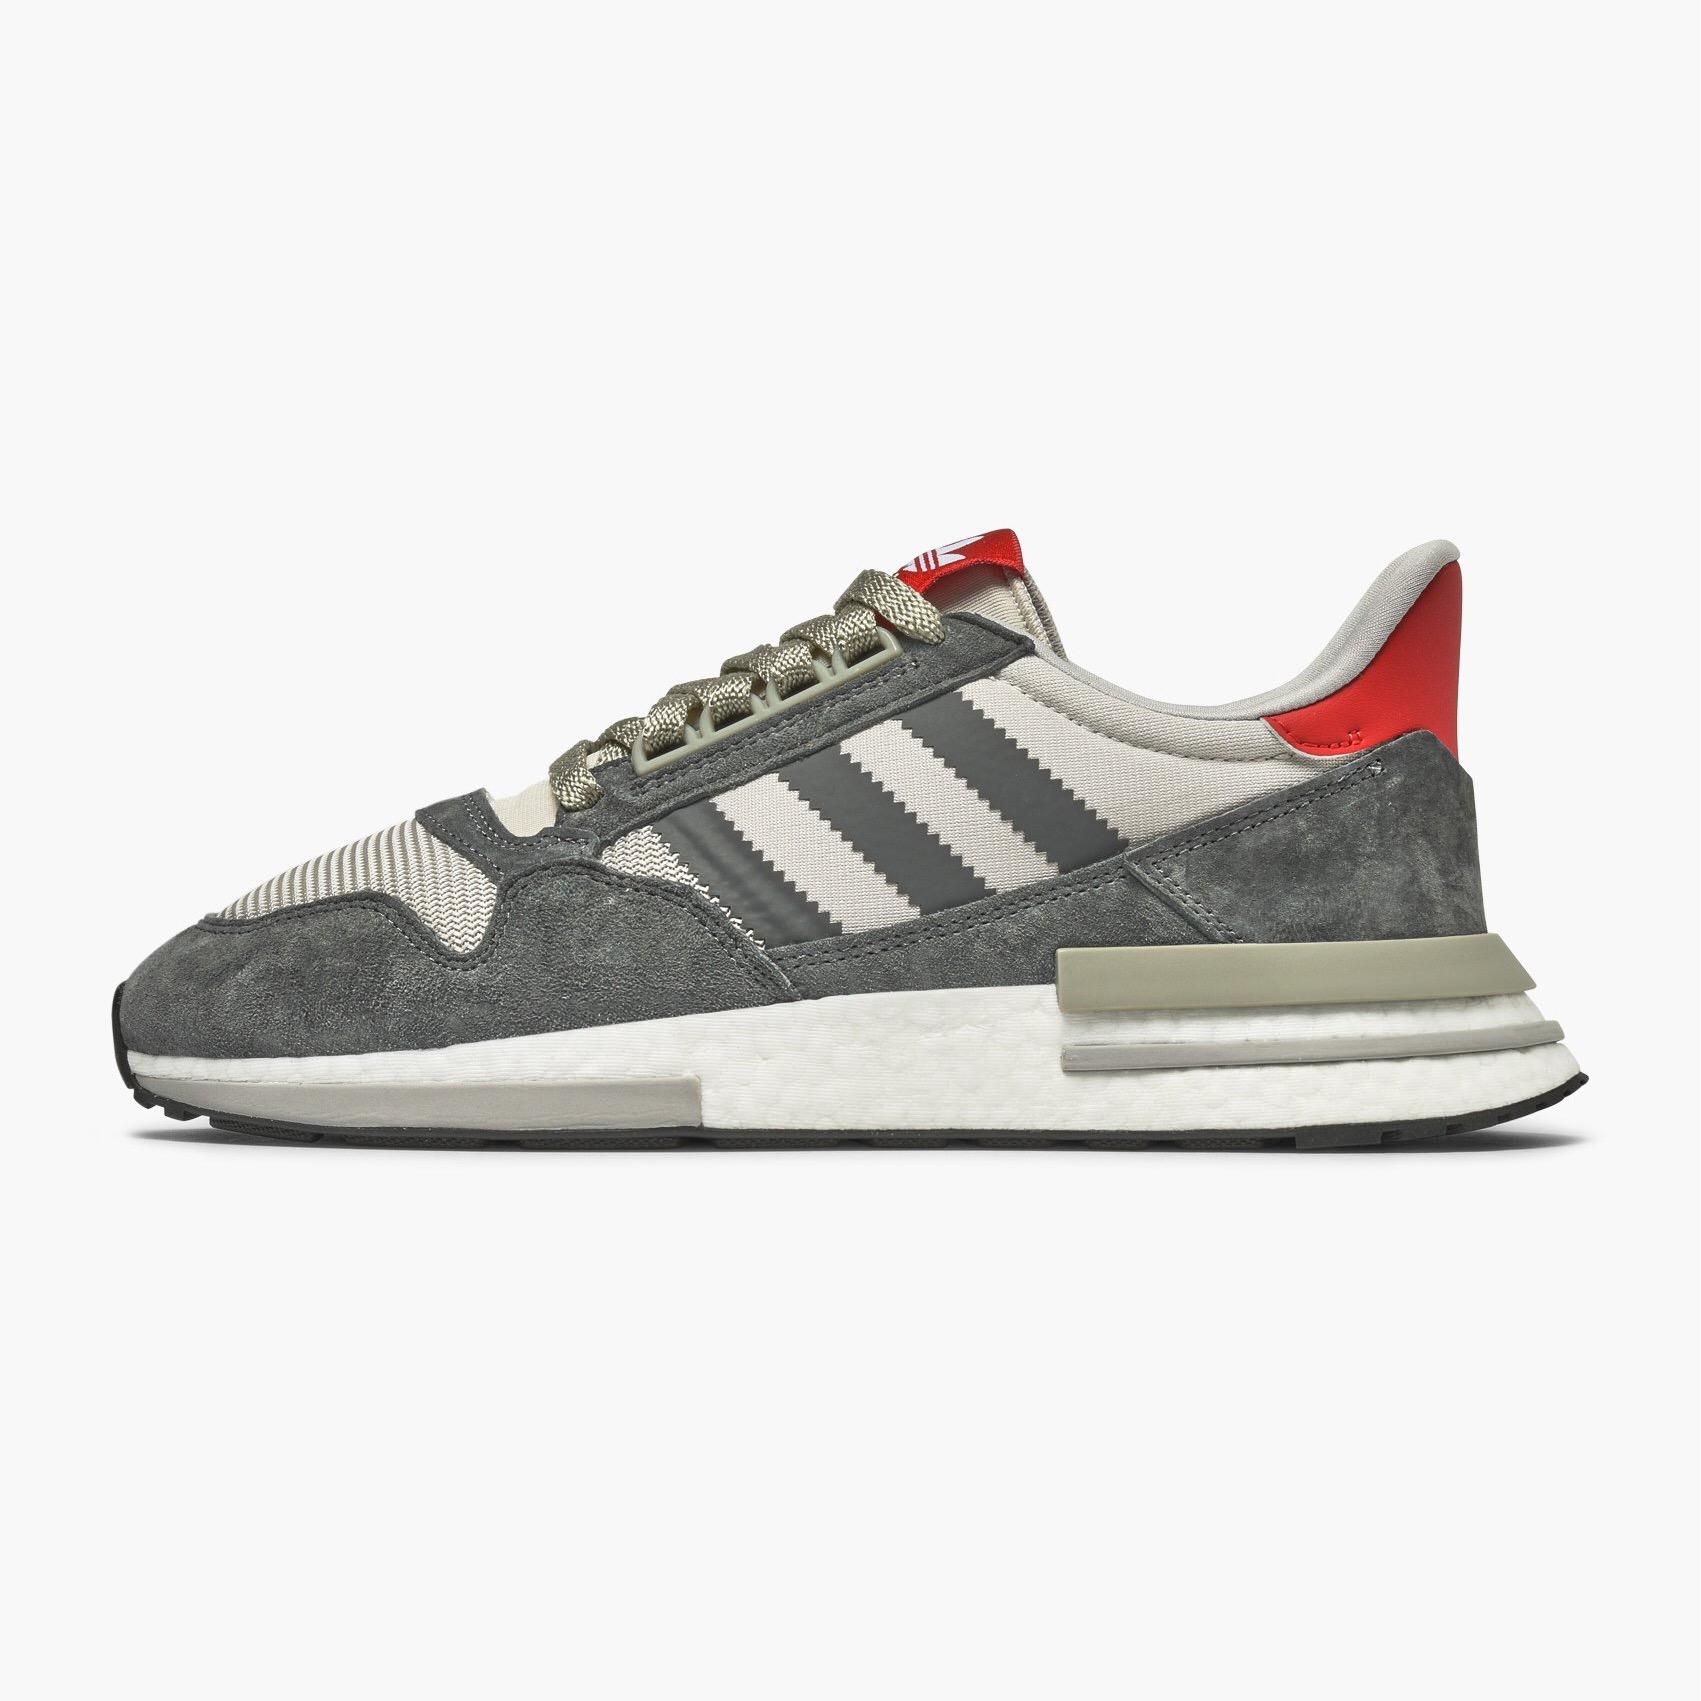 قیمت کفش مخصوص دویدن مردانه مدل zx 500 کد ۰۷۲